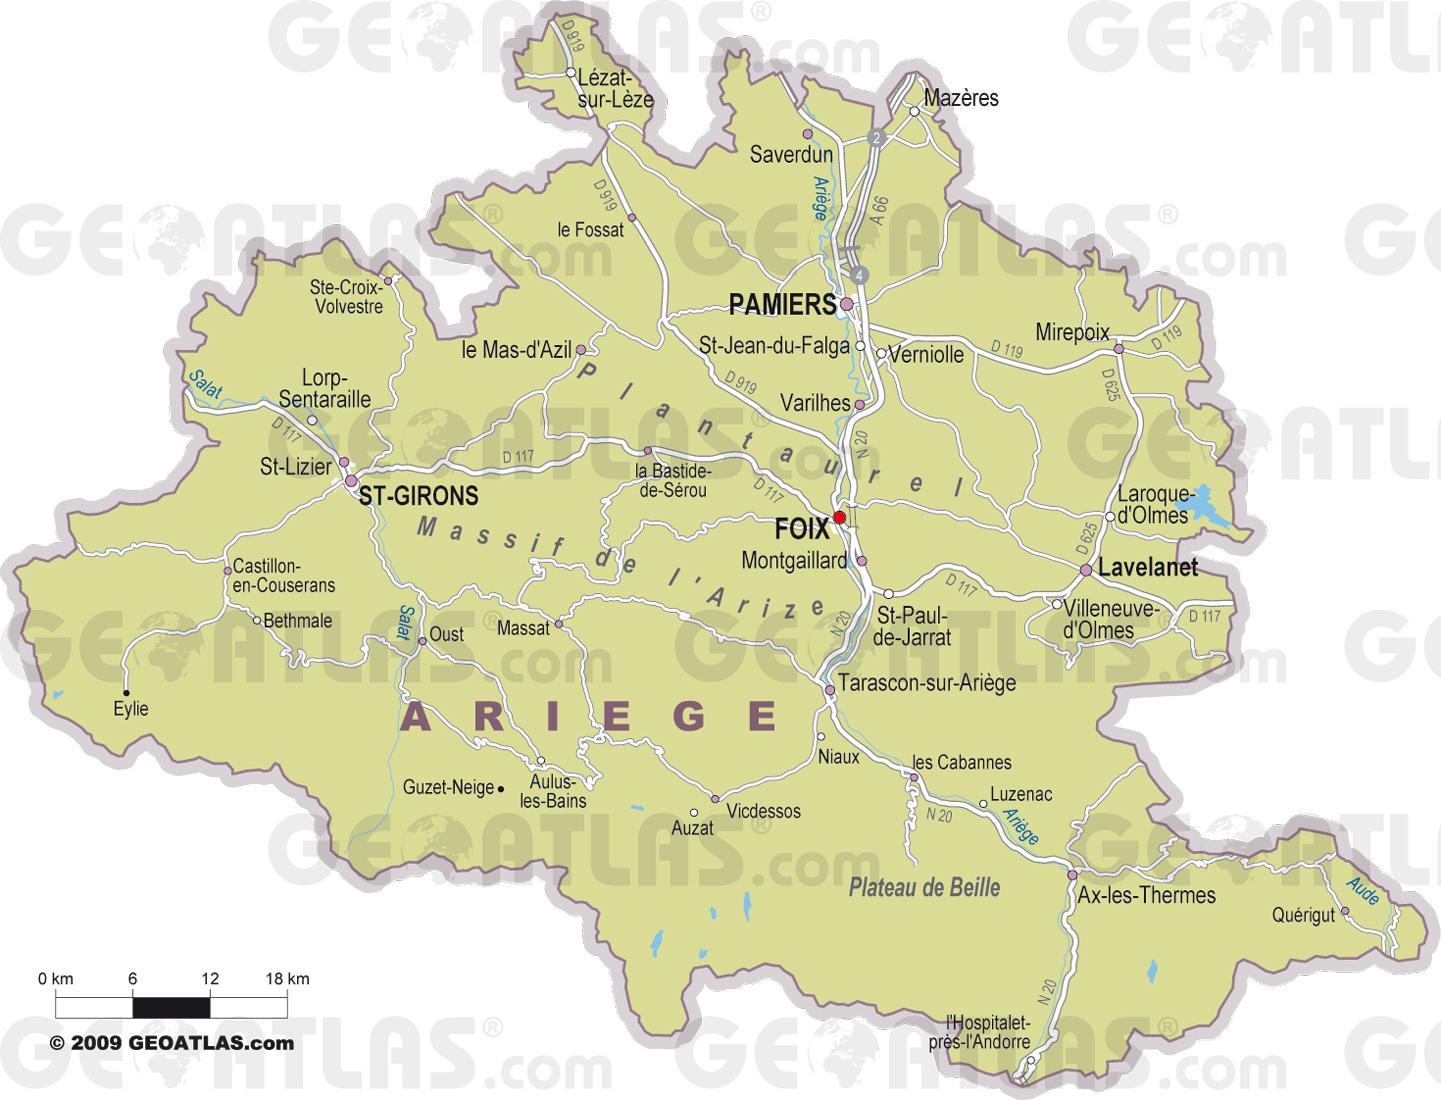 Carte des villes de l'Ariège